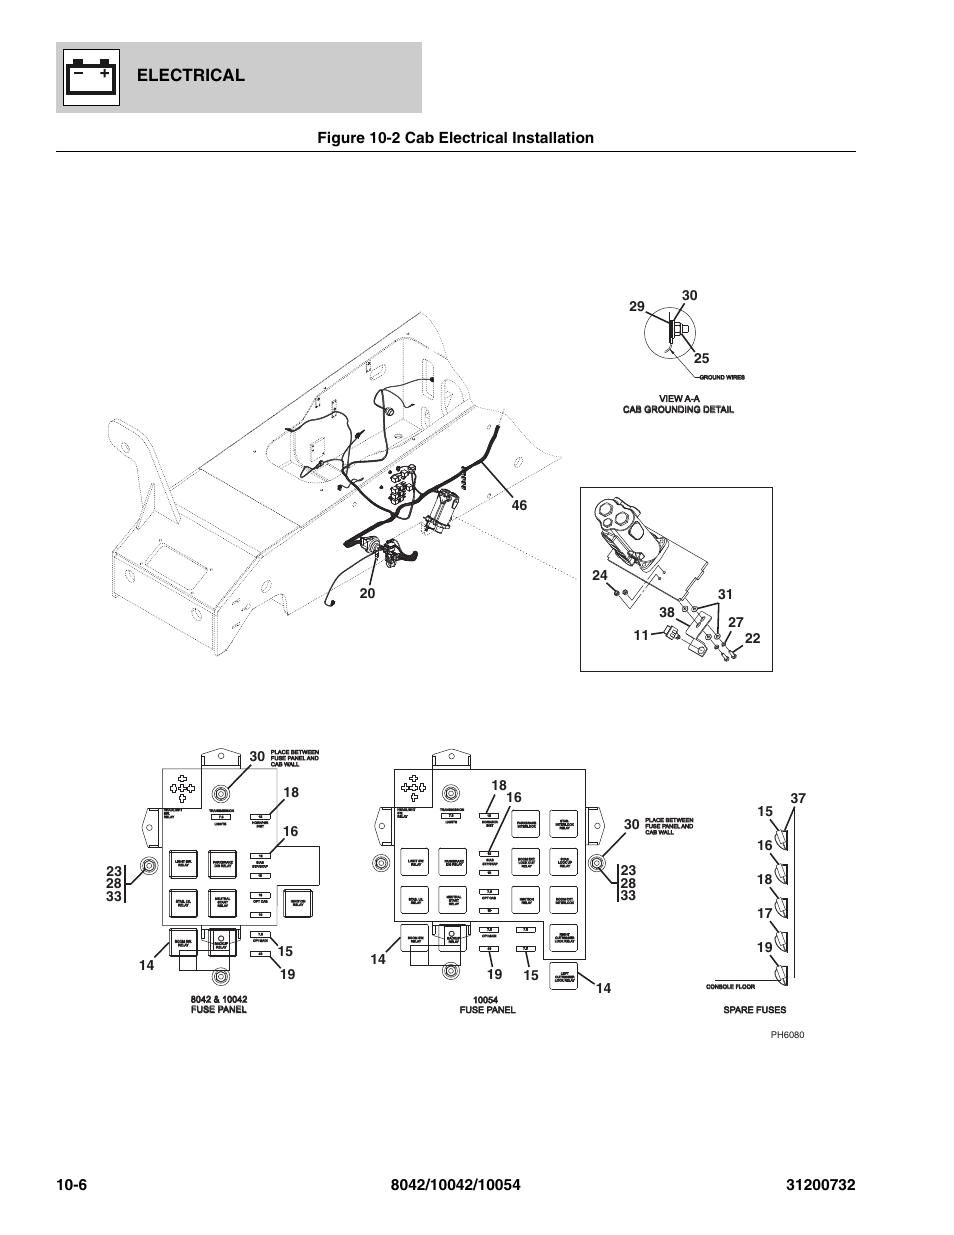 Skytrak Wiring Diagram - Wiring Diagram schematics